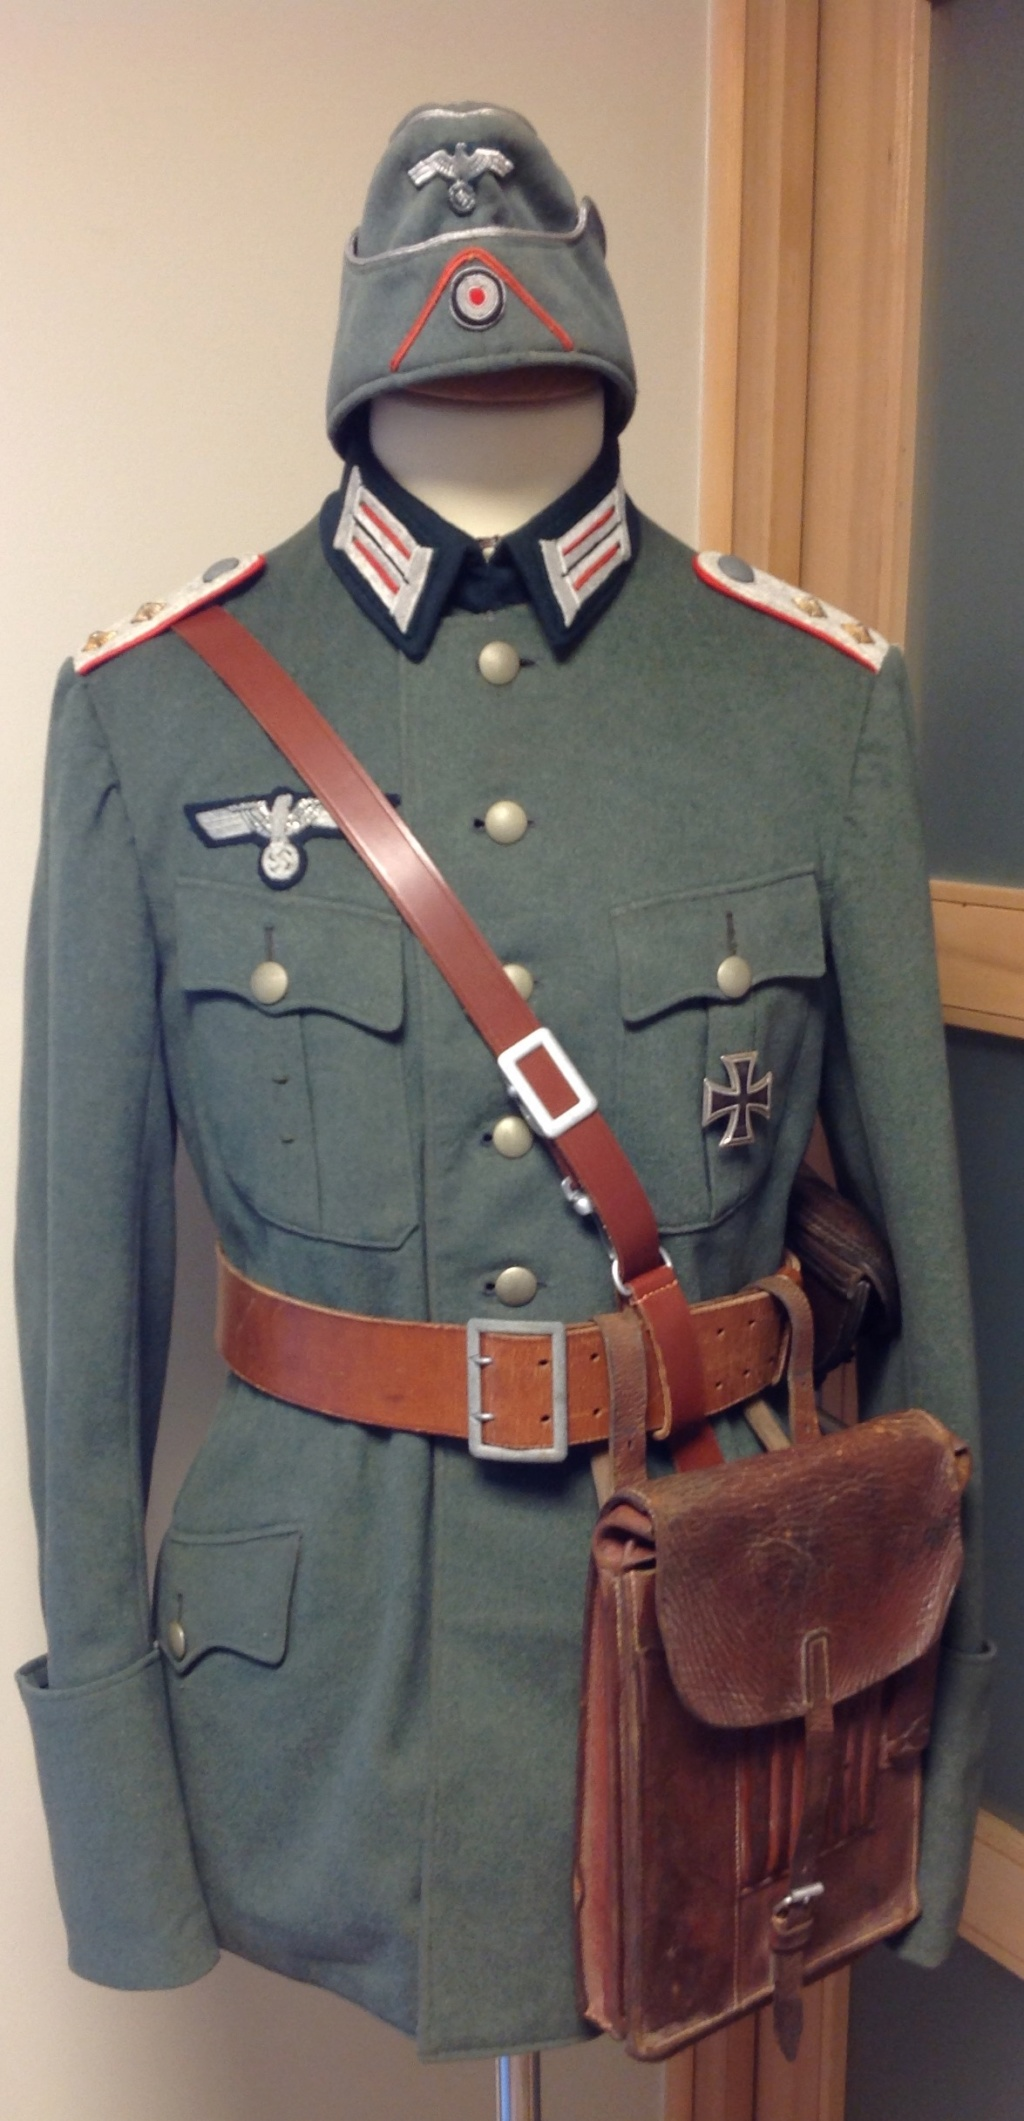 Quelques récentes rentrées, uniforme et baïonnette K98 !  - Page 2 Img_8536